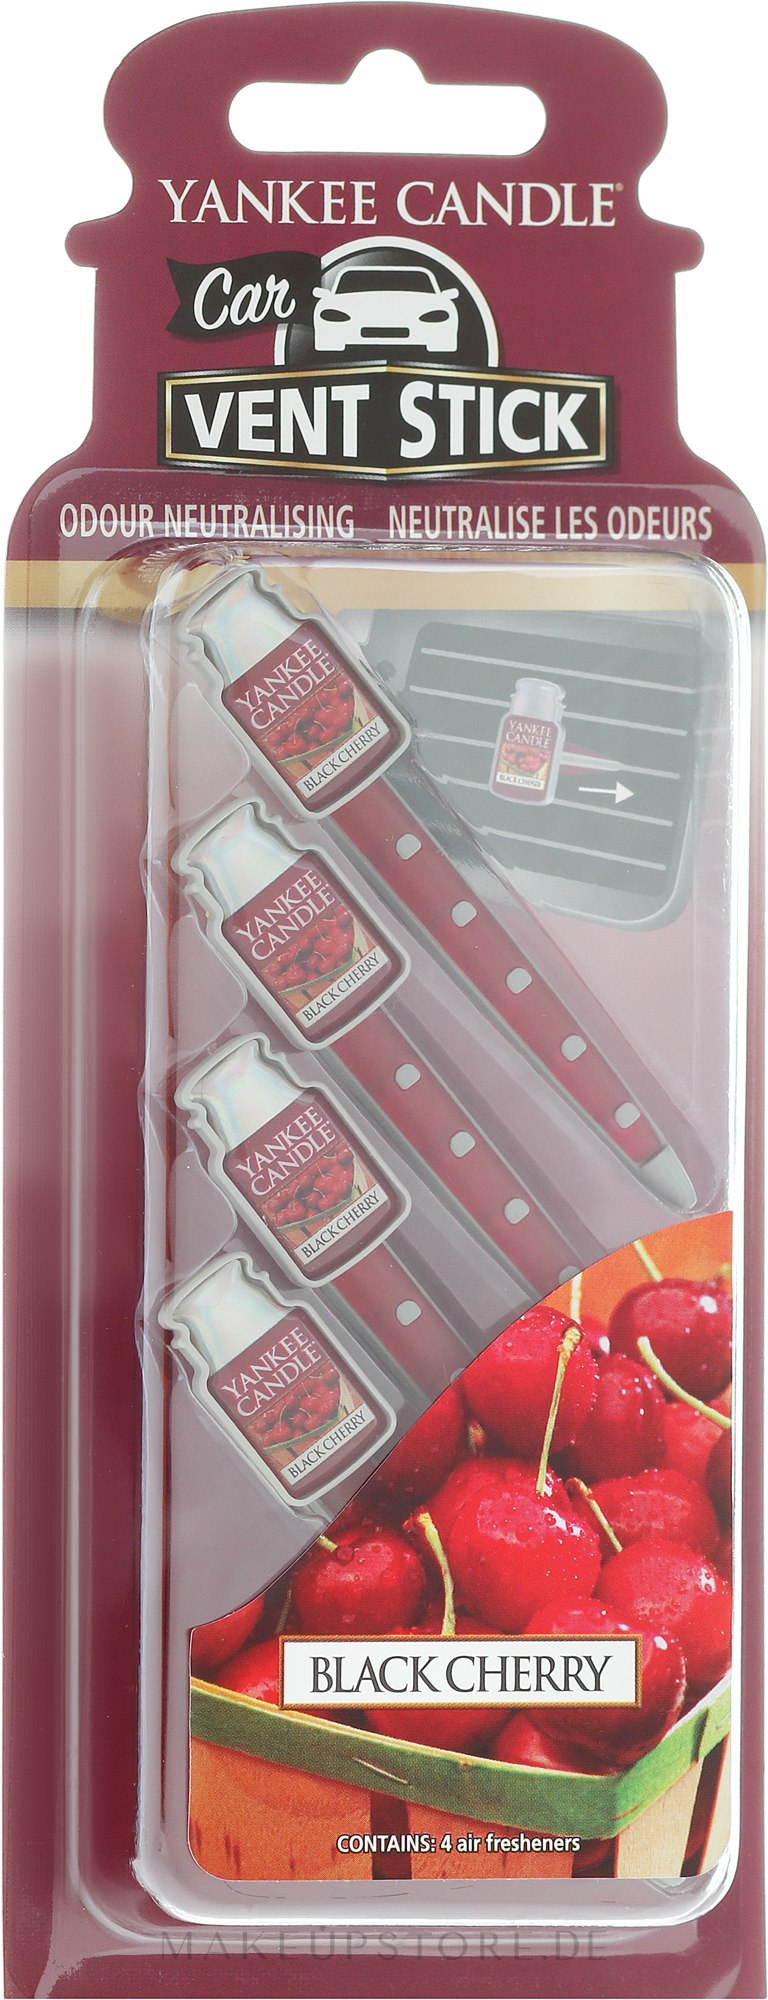 Auto-Lufterfrischer Black Cherry Duftstick - Yankee Candle Car Vent Stick Black Cherry — Bild 4 St..